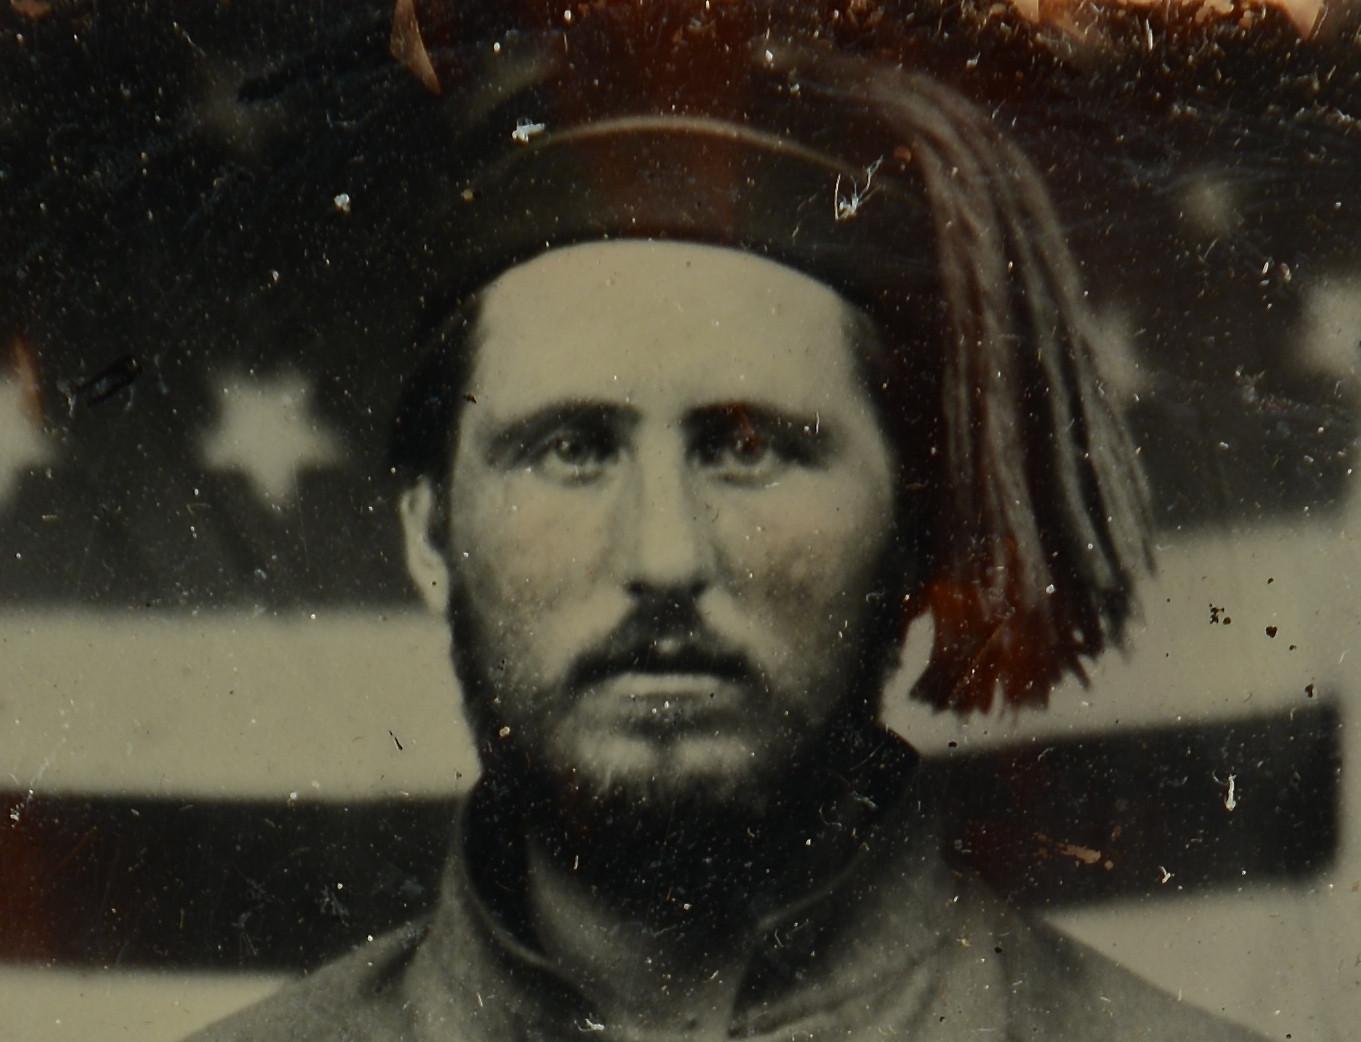 Lot 102: Civil War Ambrotype, 13th TN Union